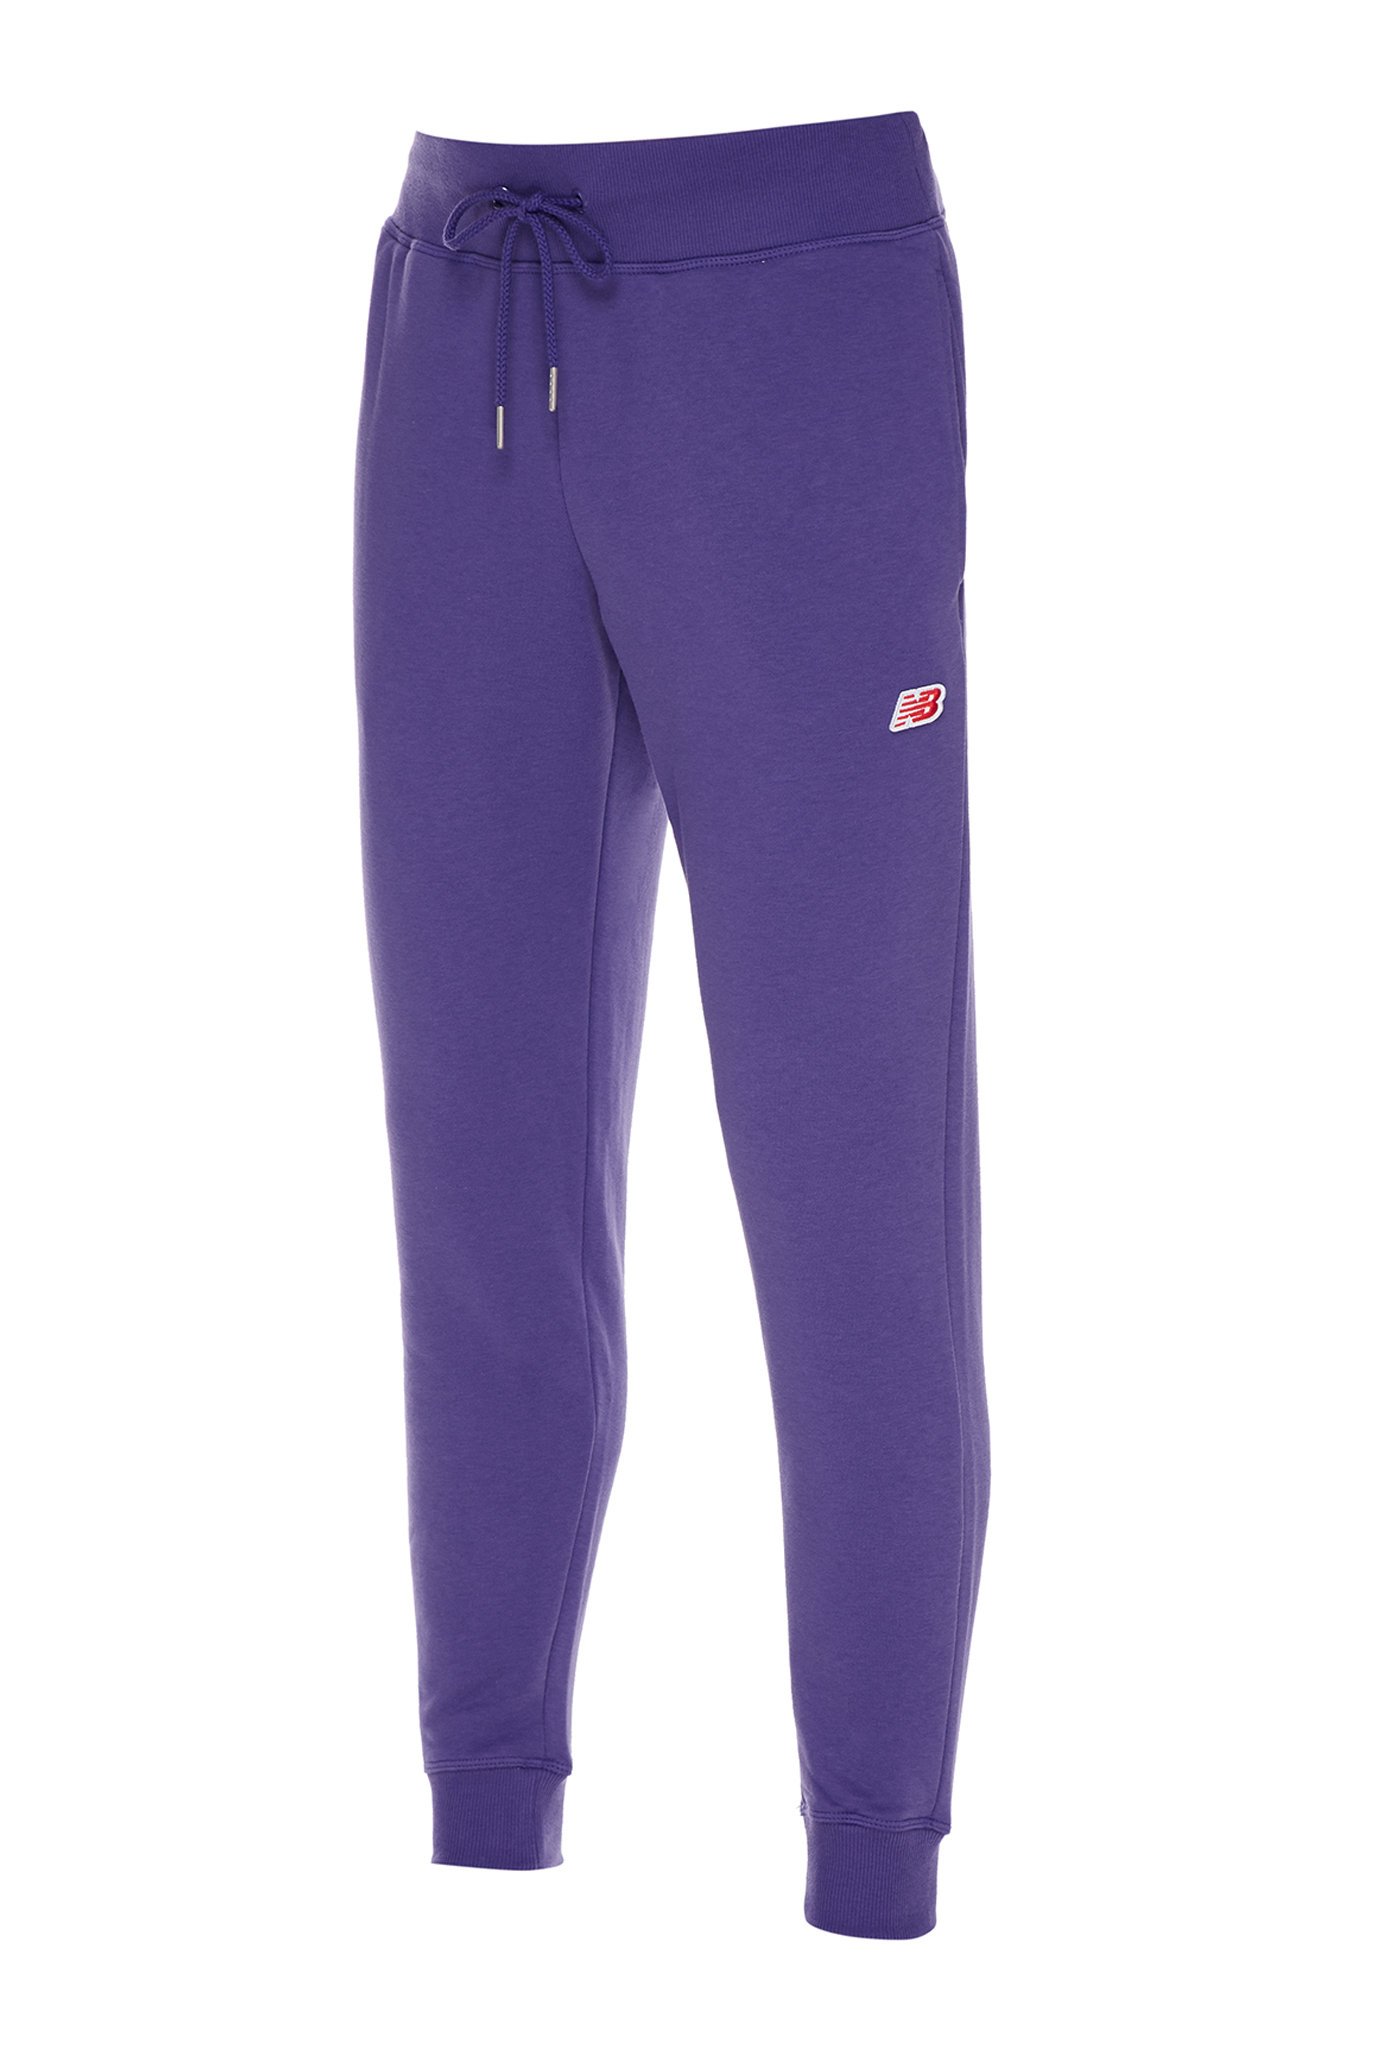 Чоловічі фіолетові спортивні штани Small NB Pack 1